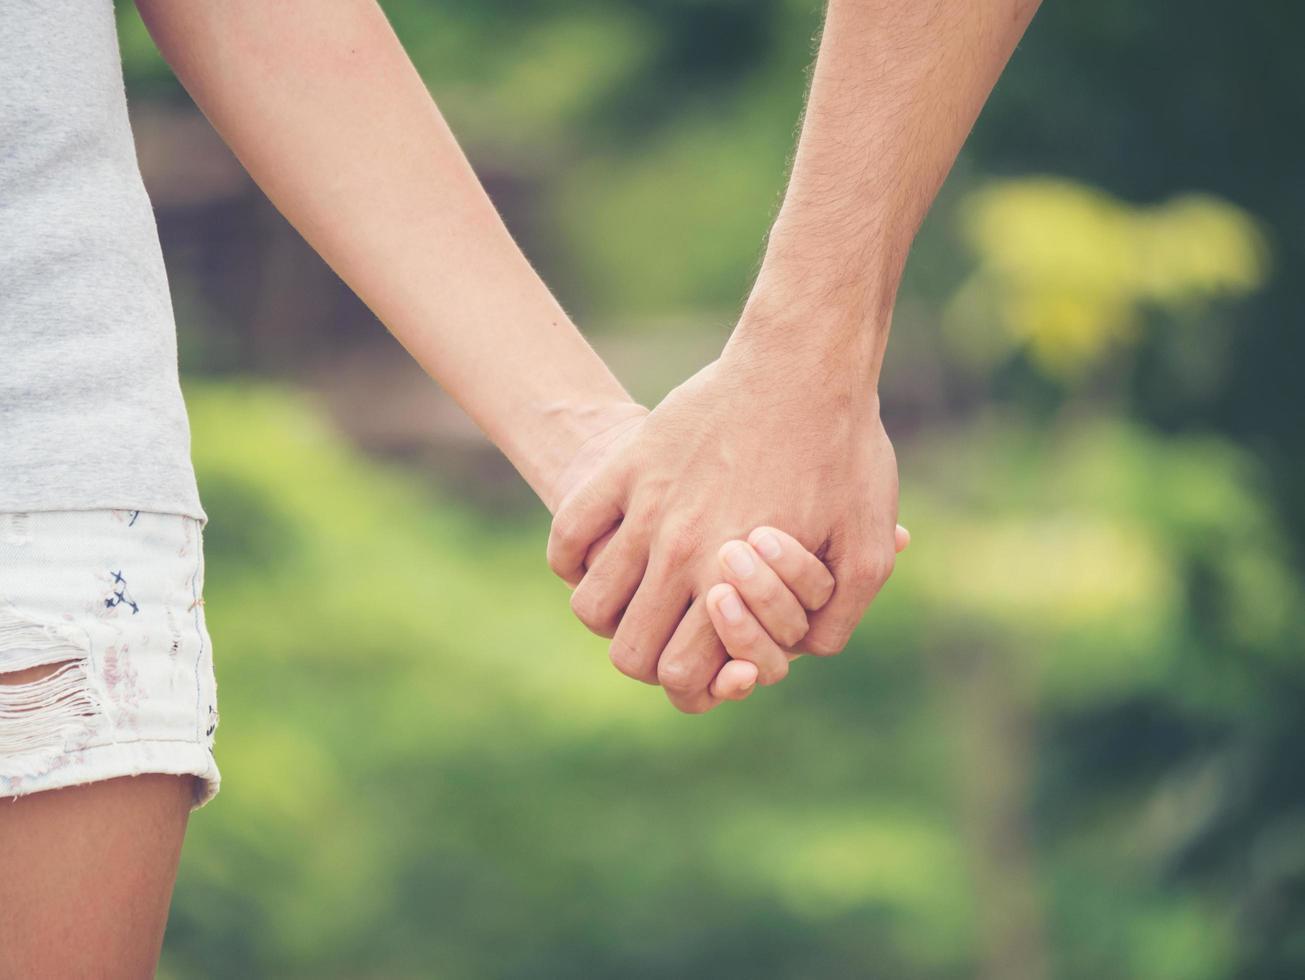 immagine di una coppia mano nella mano insieme foto